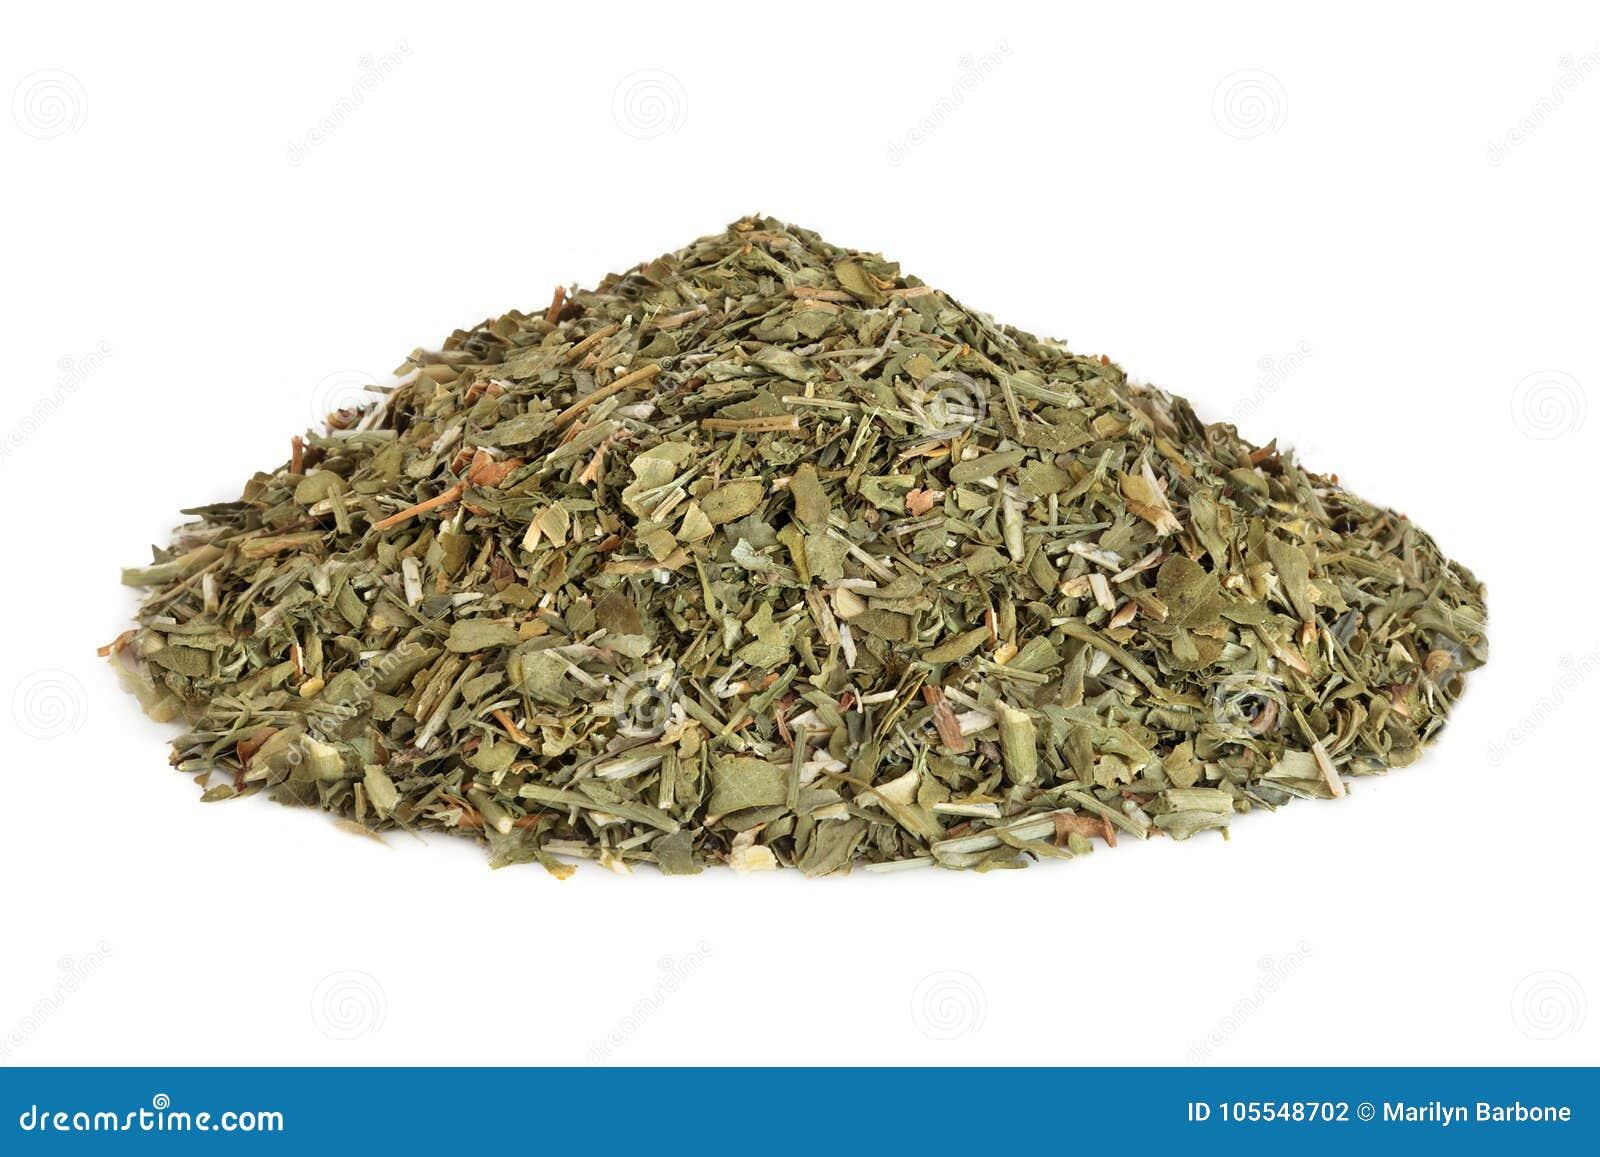 Rue Leaf Herb